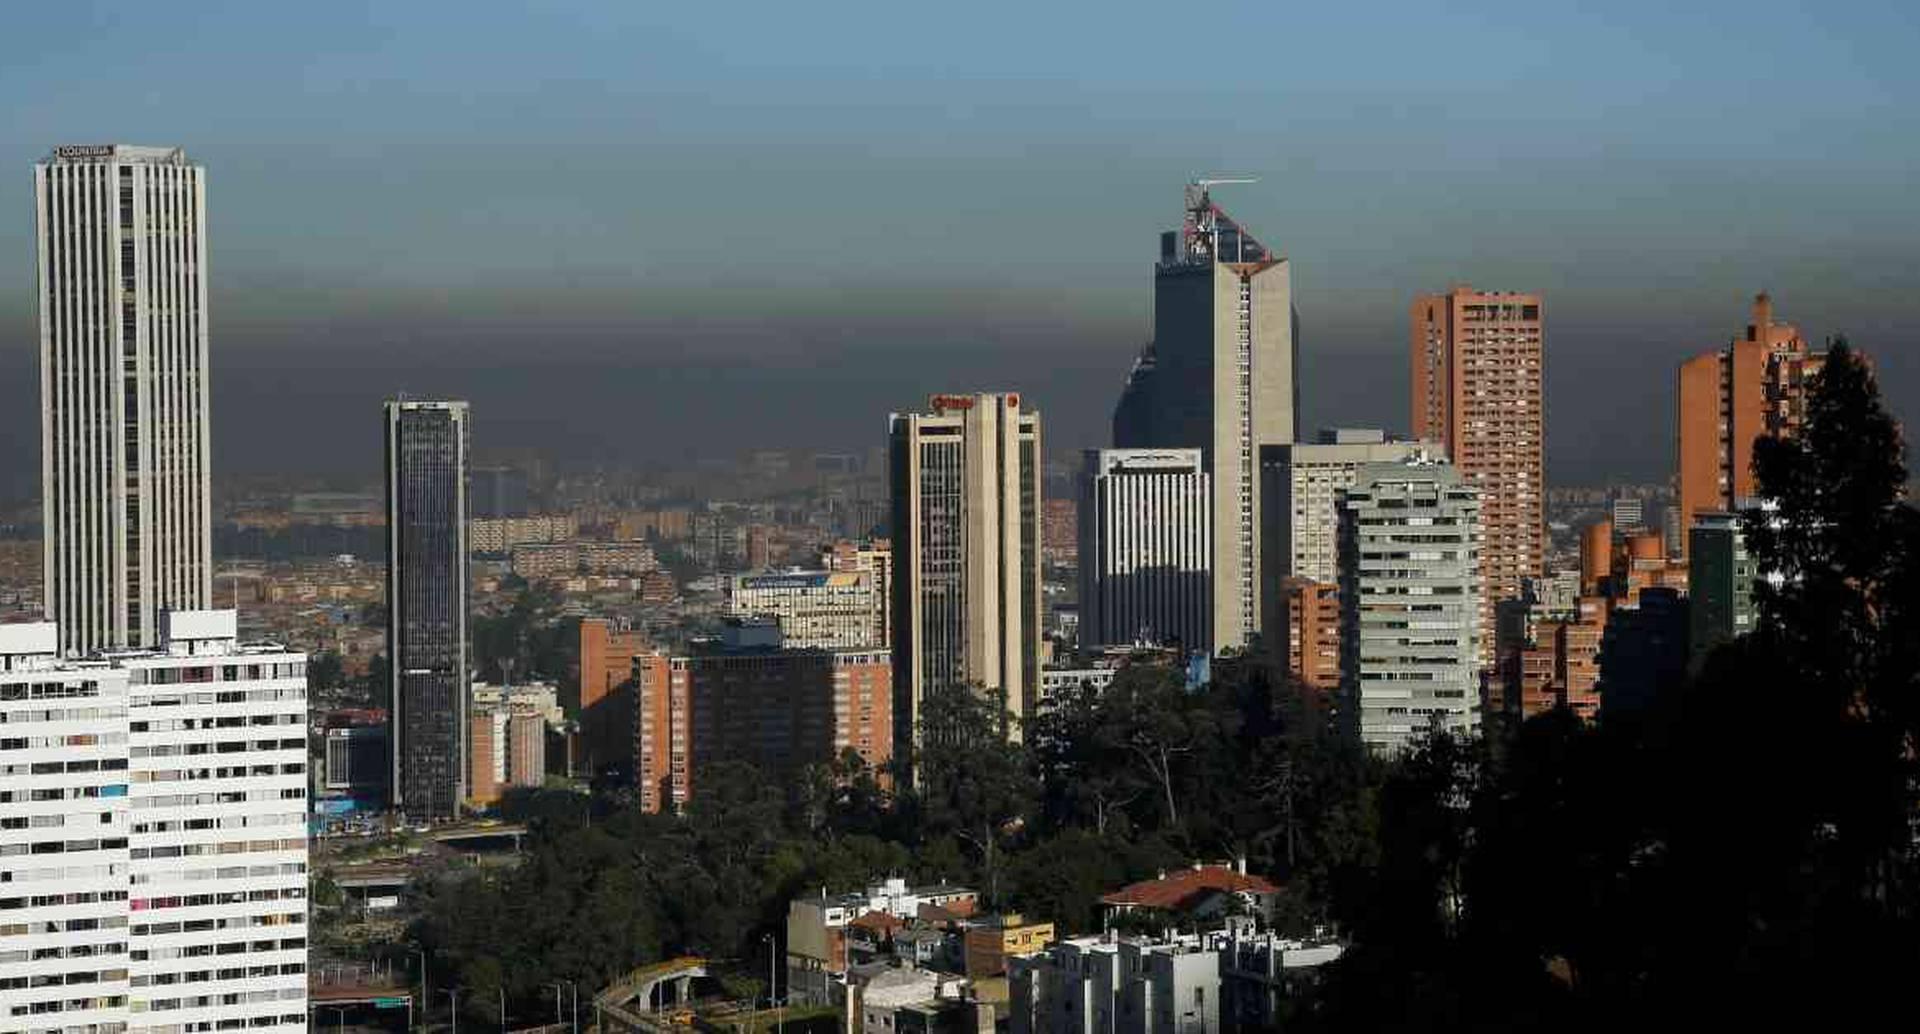 Así se encontraba el cielo de Bogotá este jueves 6 de febrero, a la 7:00 de la mañana. Imagen tomada desde la Avenida Circunvalar. Foto: Guillermo Torres/Semana.